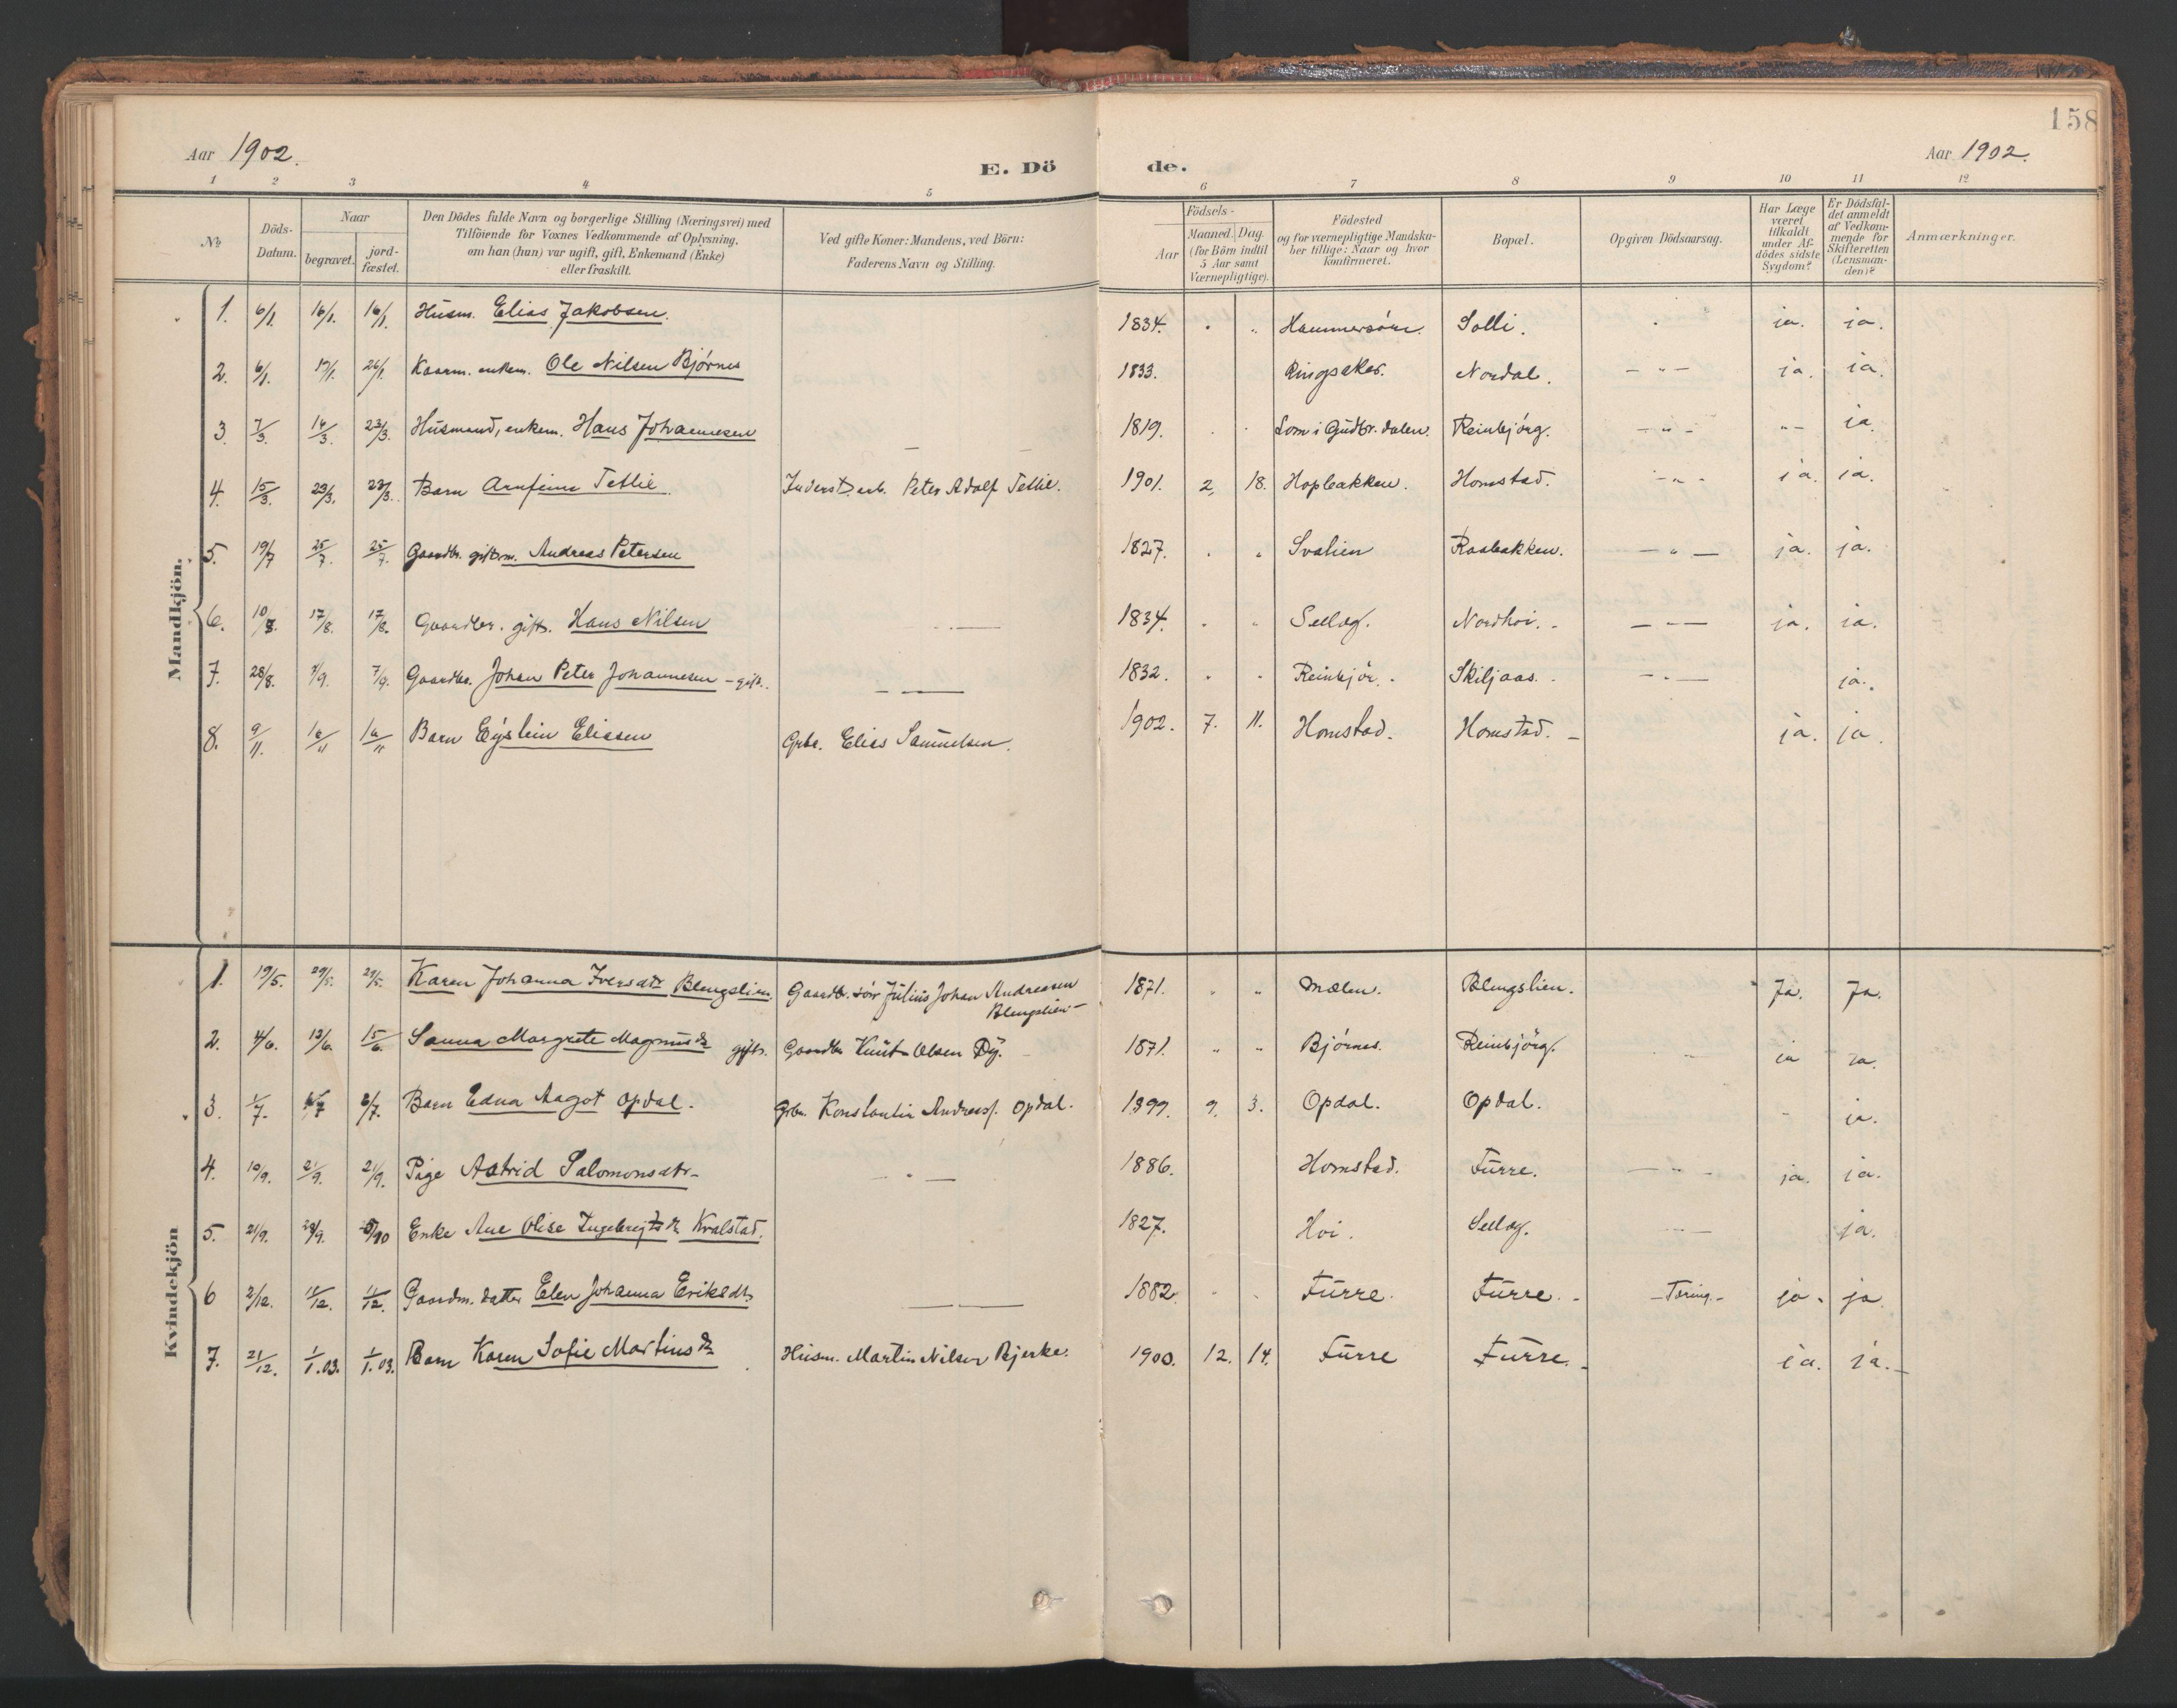 SAT, Ministerialprotokoller, klokkerbøker og fødselsregistre - Nord-Trøndelag, 766/L0564: Ministerialbok nr. 767A02, 1900-1932, s. 158